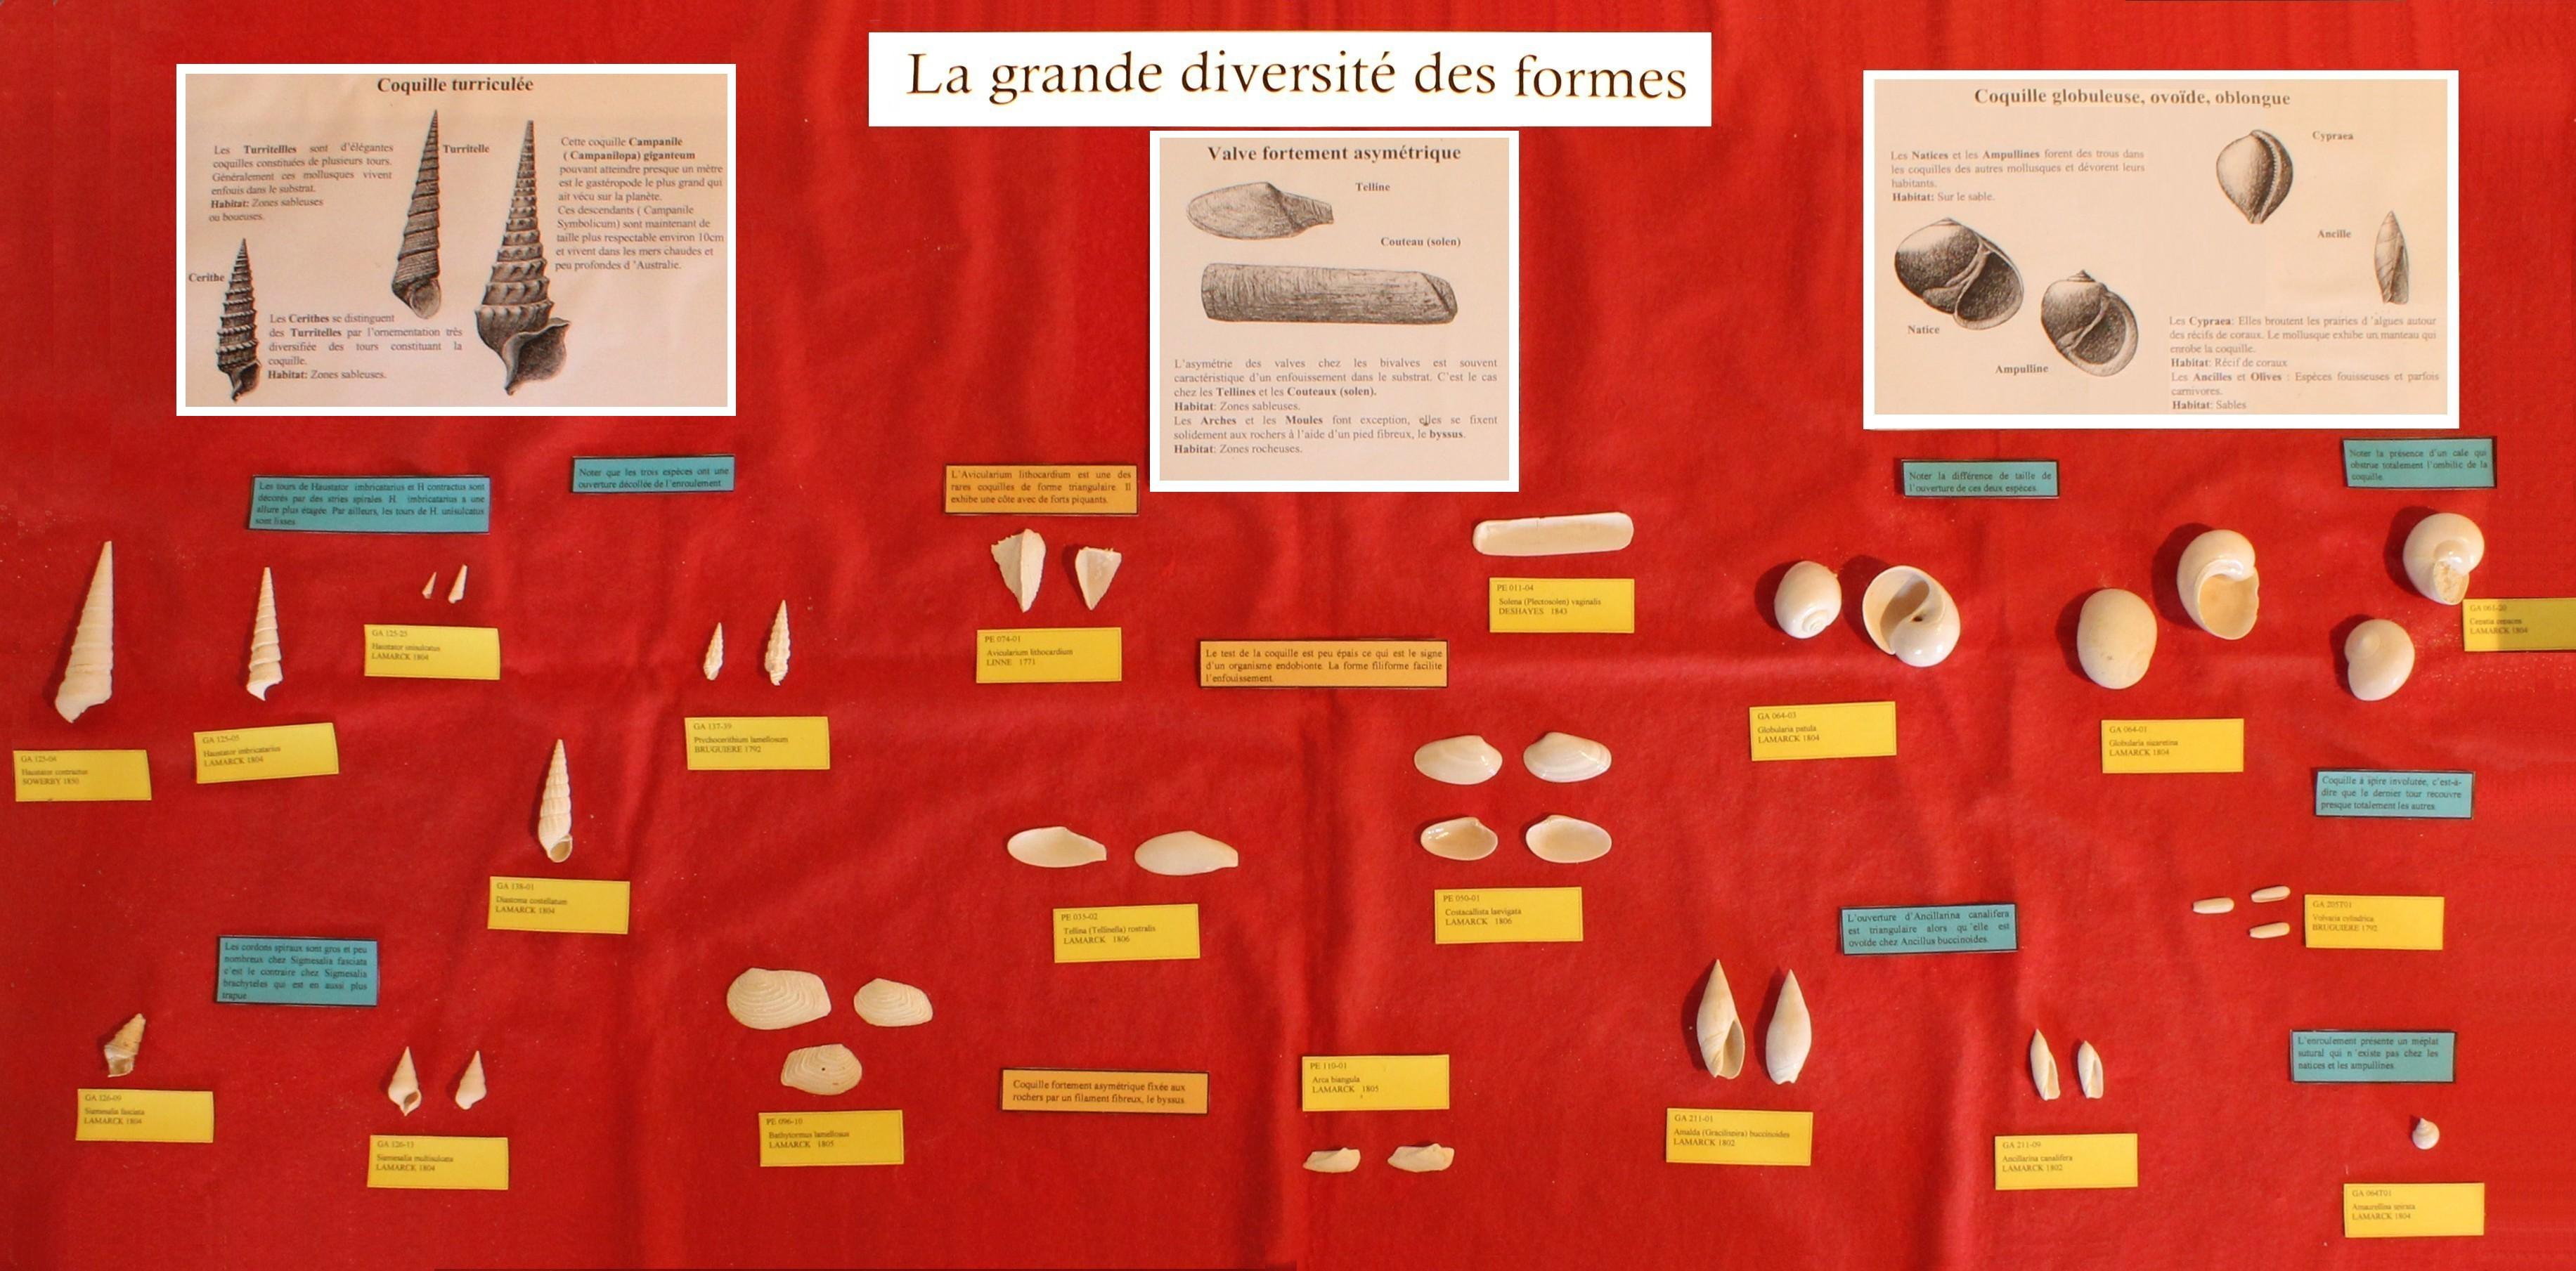 Vitrine : la grande diversité des formes